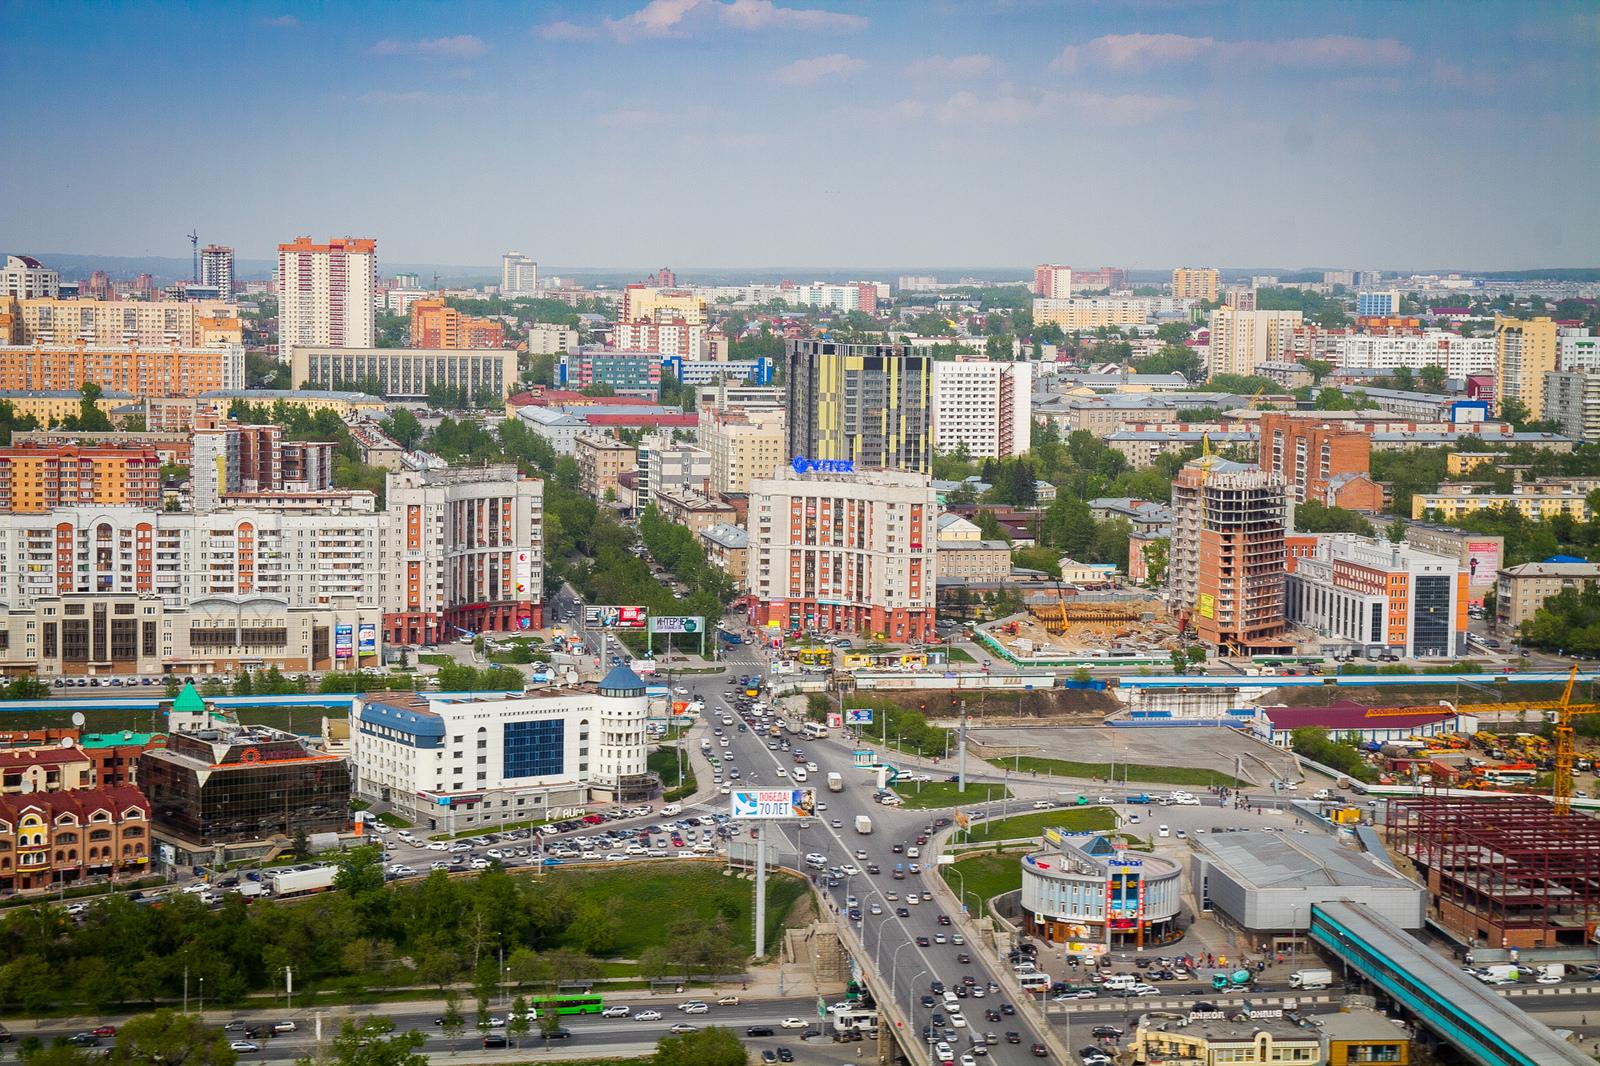 путь рядового фотографии района светлый город новосибирск доходах главных